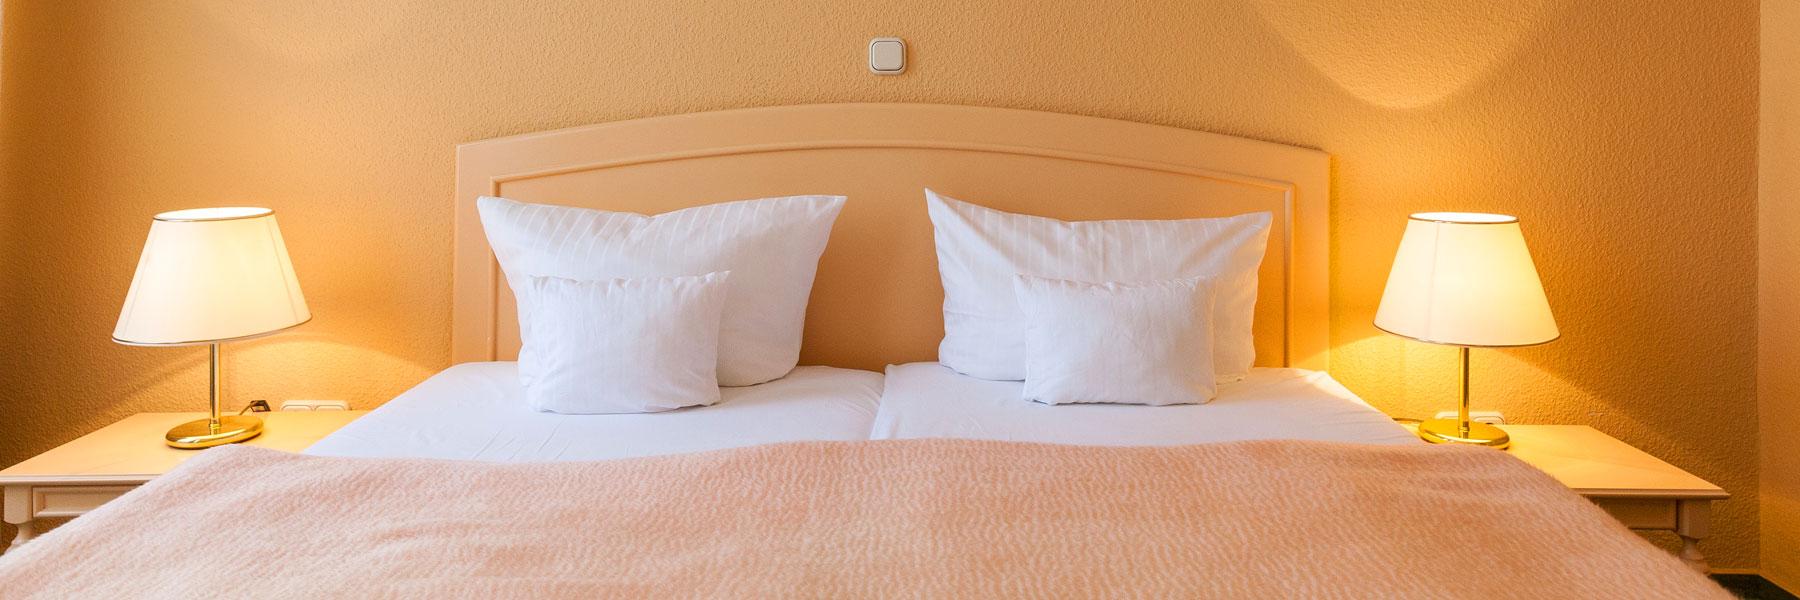 Schlafzimmer - Hotel Villa Auguste Viktoria